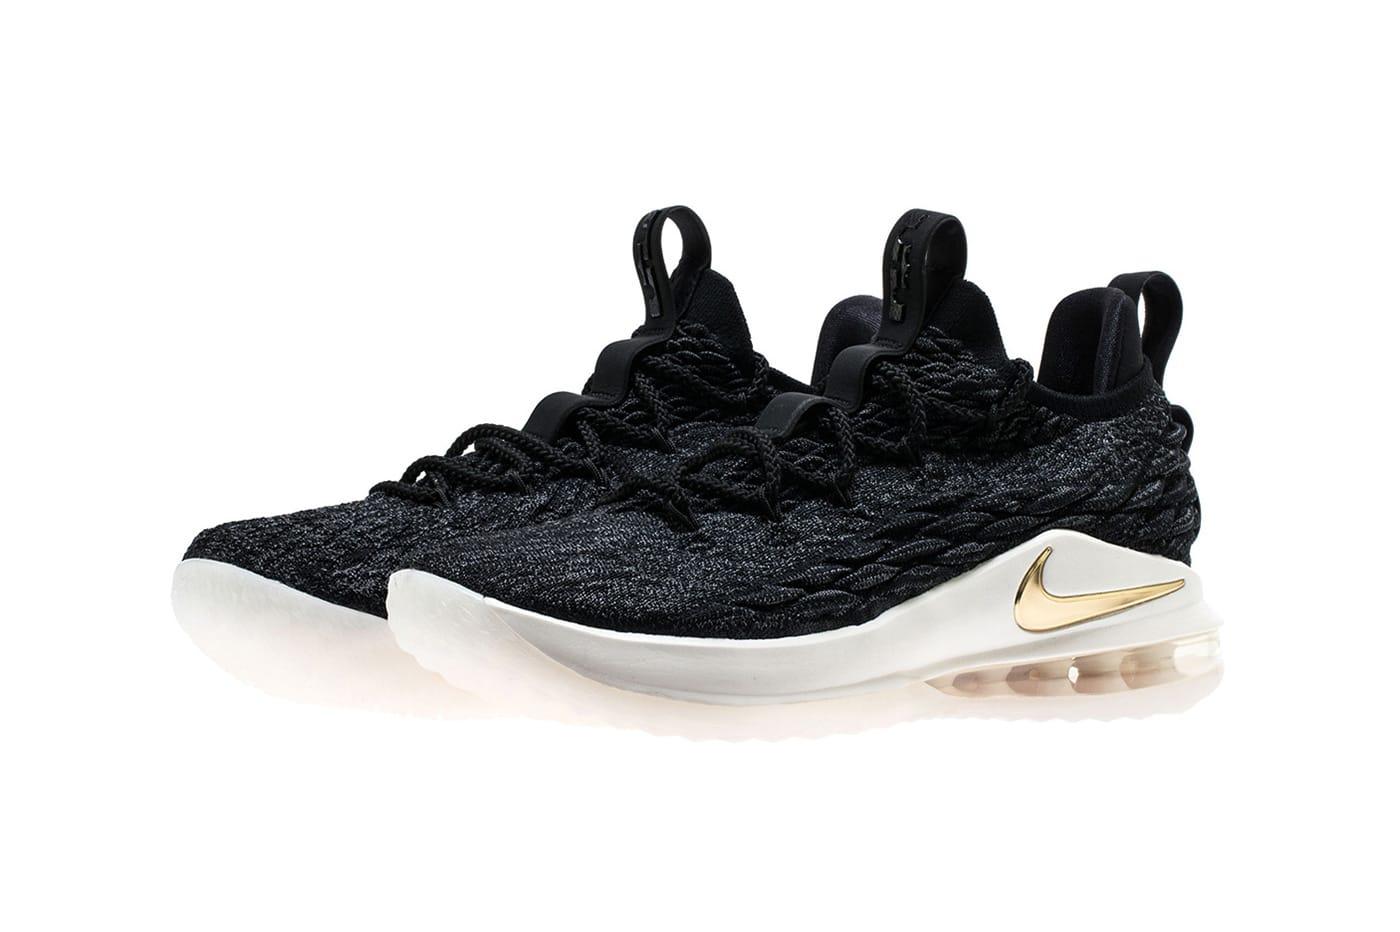 Nike Lebron 15 Low in Black \u0026 Gold